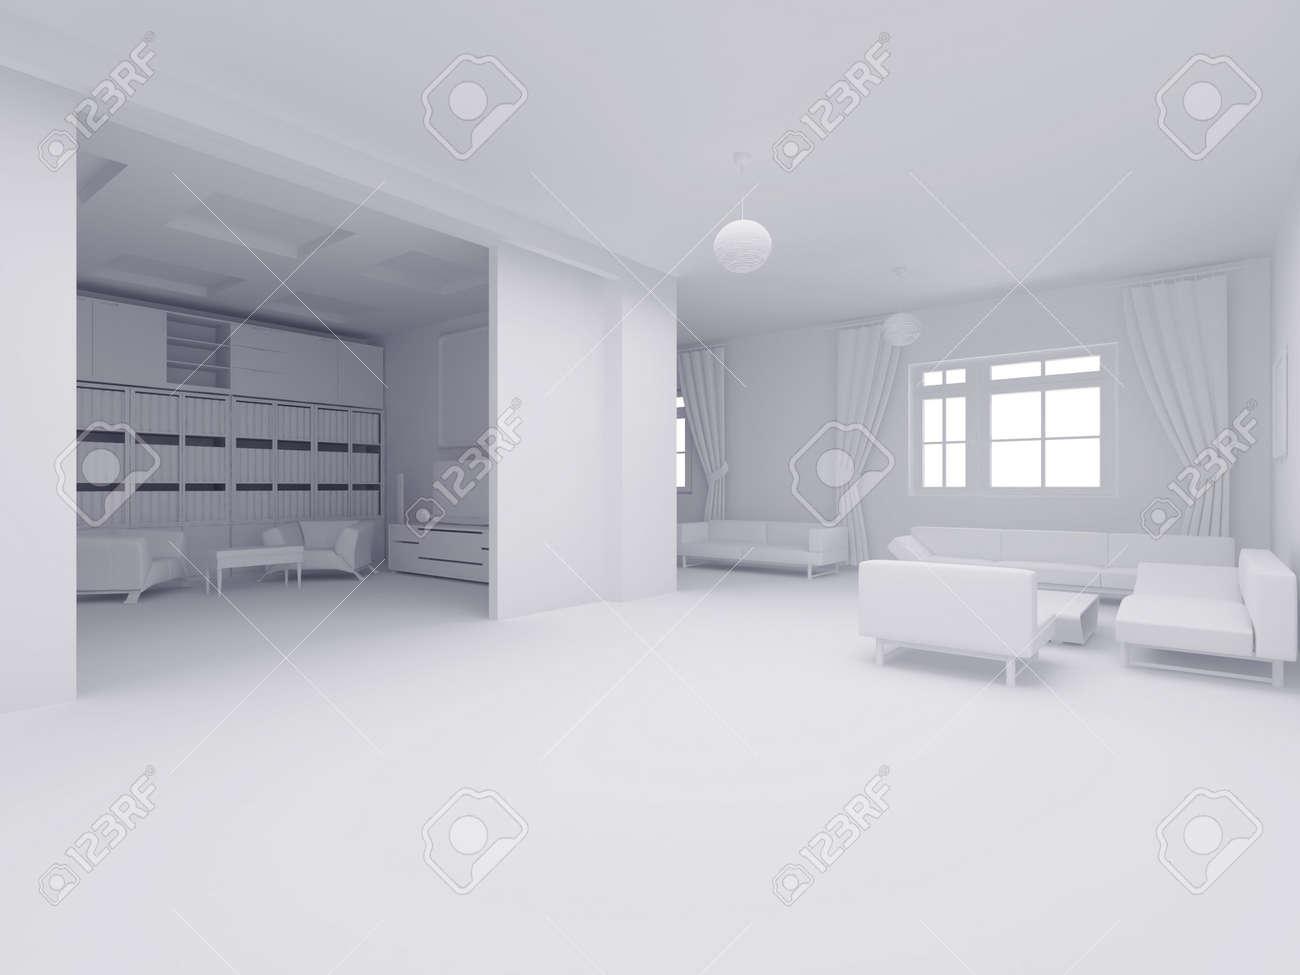 Bild Mit Hoher Auflösung Inneren. 3D-Darstellung Moderner ...